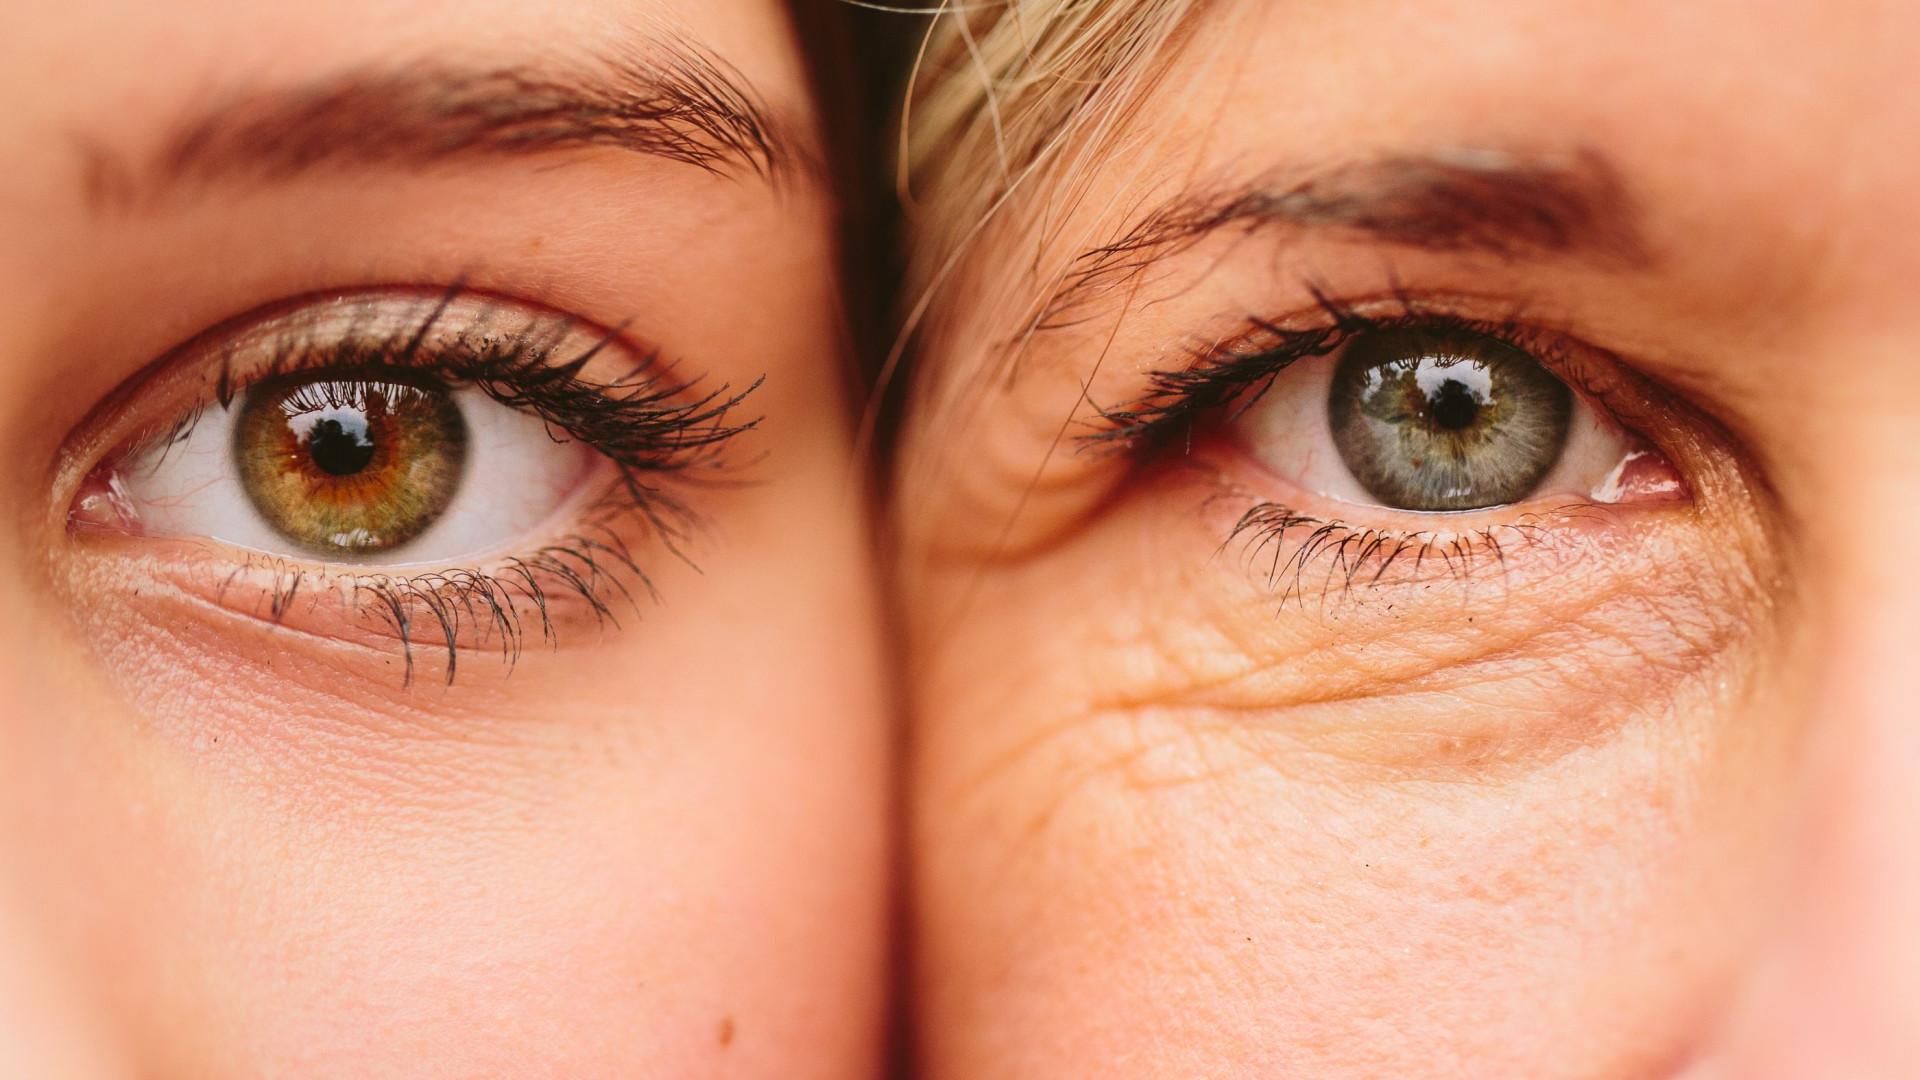 Medicação usada em células cancerígenas pode retardar envelhecimento